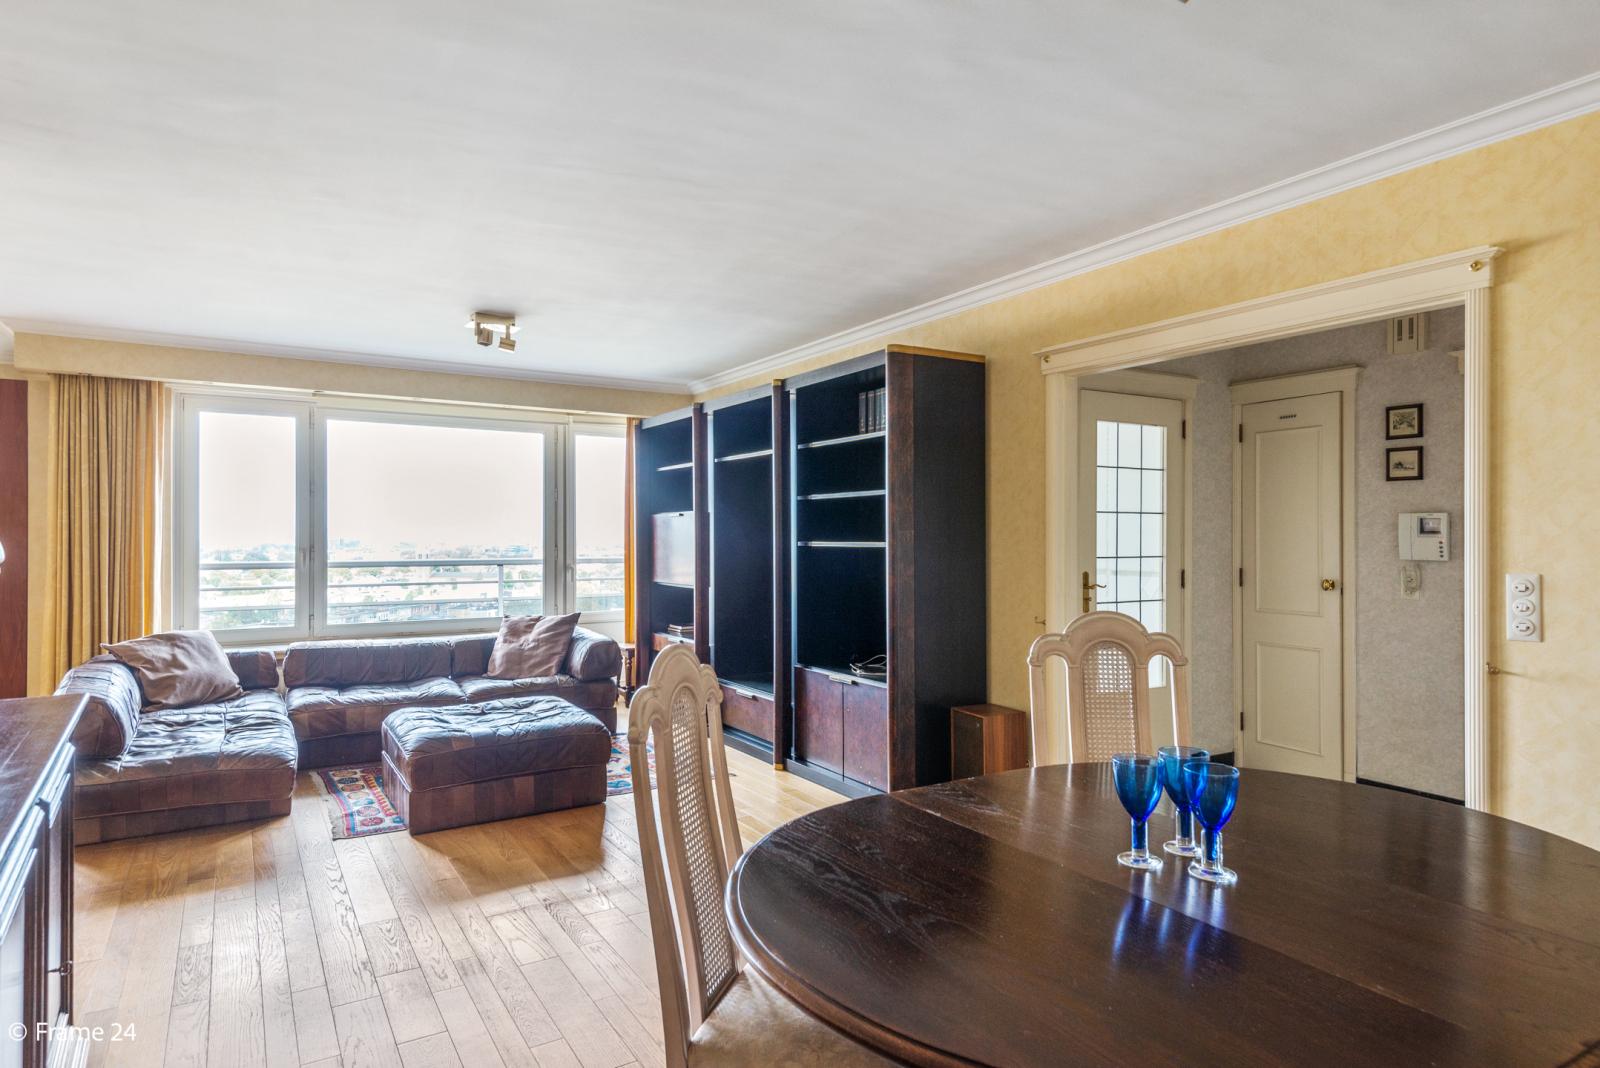 Appartement met 3 slaapkamers op gunstige locatie in Berchem. afbeelding 4